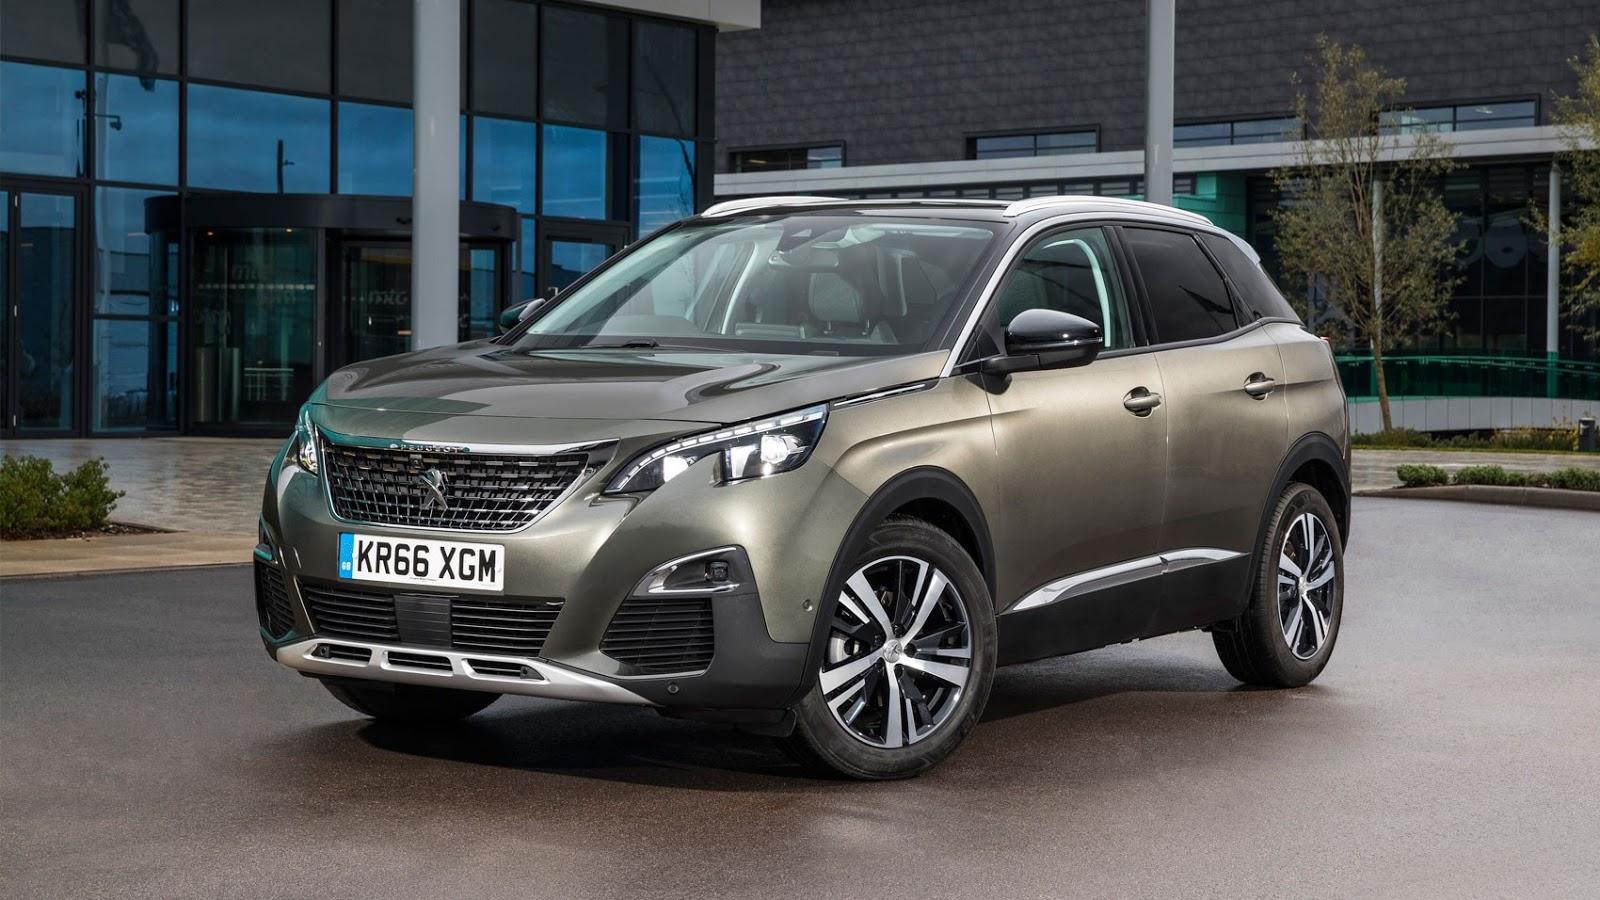 Ο όμιλος PSA παρουσιάζει μία νέα γενιά μοντέλων με τα σήματα των μαρκών Peugeot, Citroën και Opel/Vauxhall